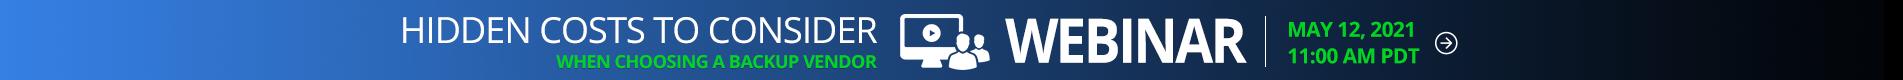 Hidden-Costs-Webinar-Desktop